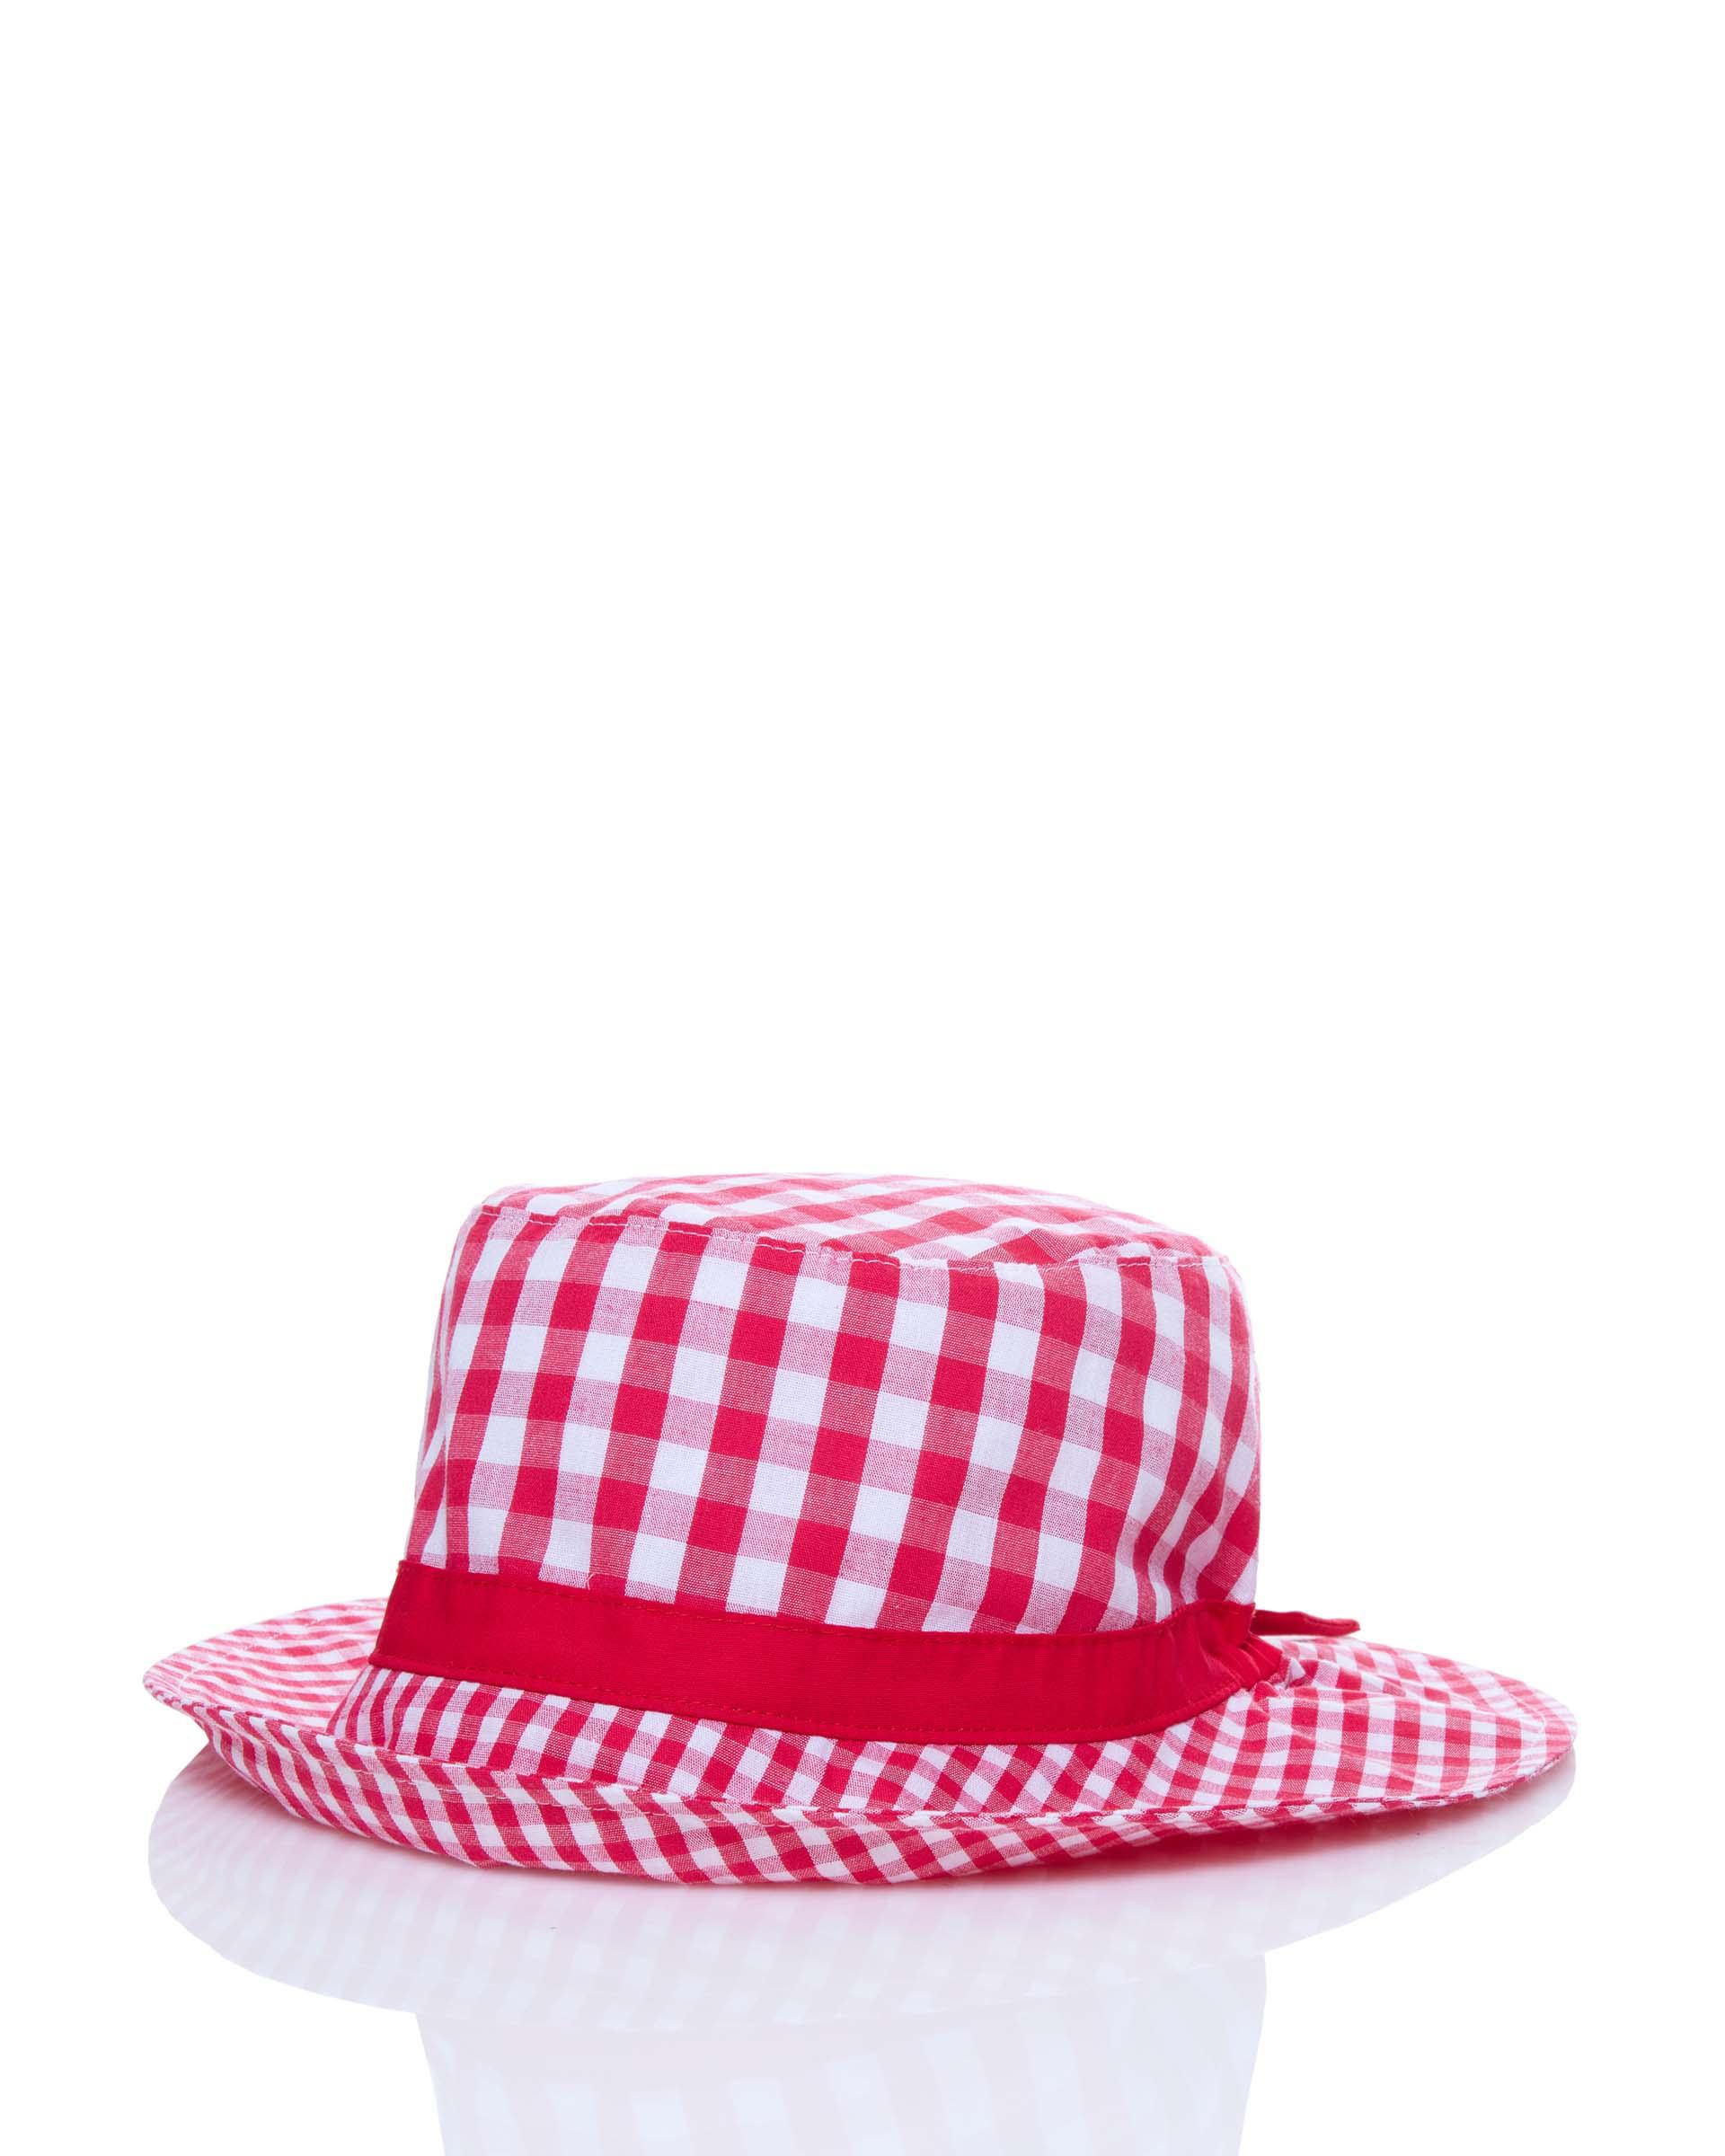 Купить 20P_6G7PB4285_7V1, Шляпа для девочек Benetton 6G7PB4285_7V1 р-р 92, United Colors of Benetton, Панама для девочек